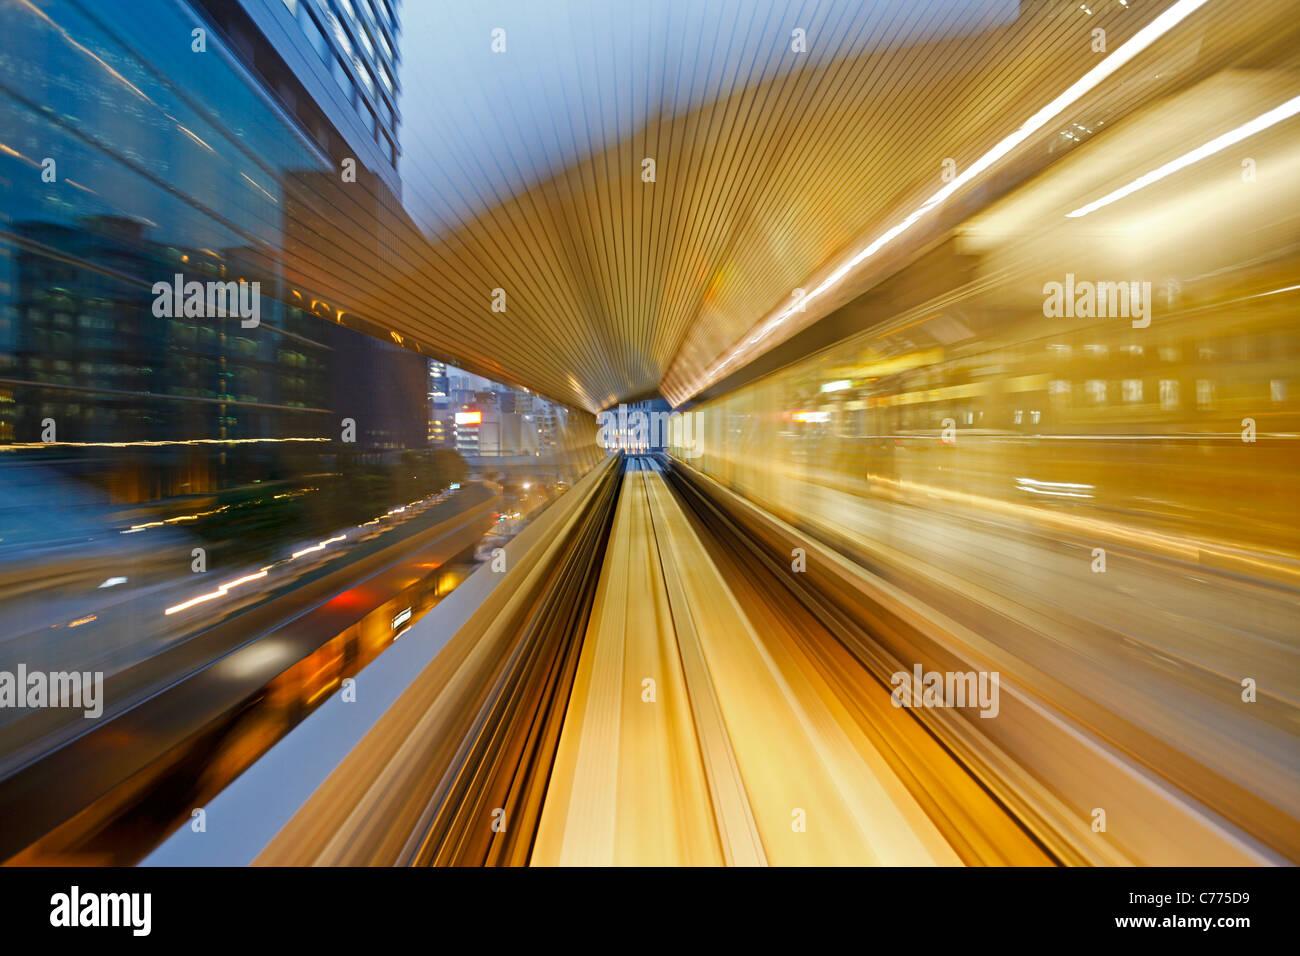 Asien, Japan, Honshu, Tokio, POV verschwommen Bewegung von Tokio Gebäuden aus einem fahrenden Zug Stockbild